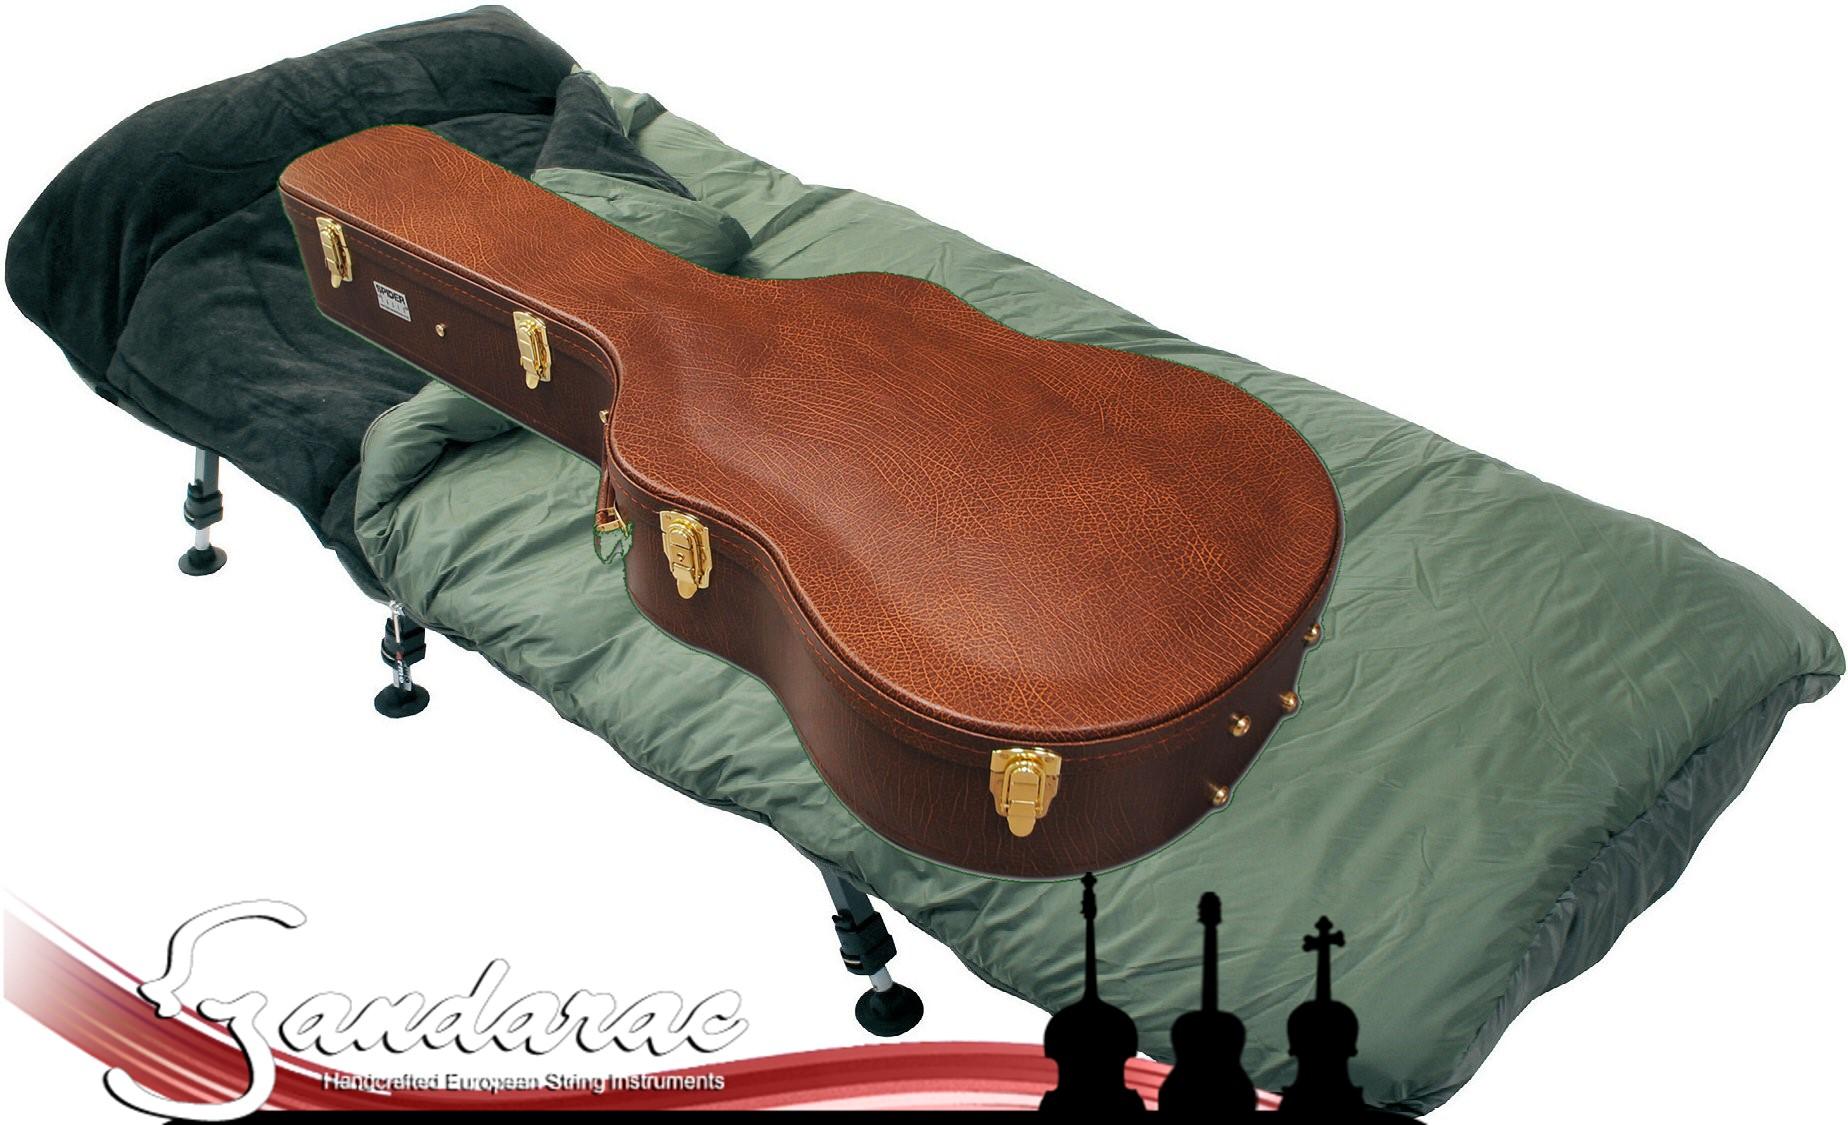 21 - sleeping bag